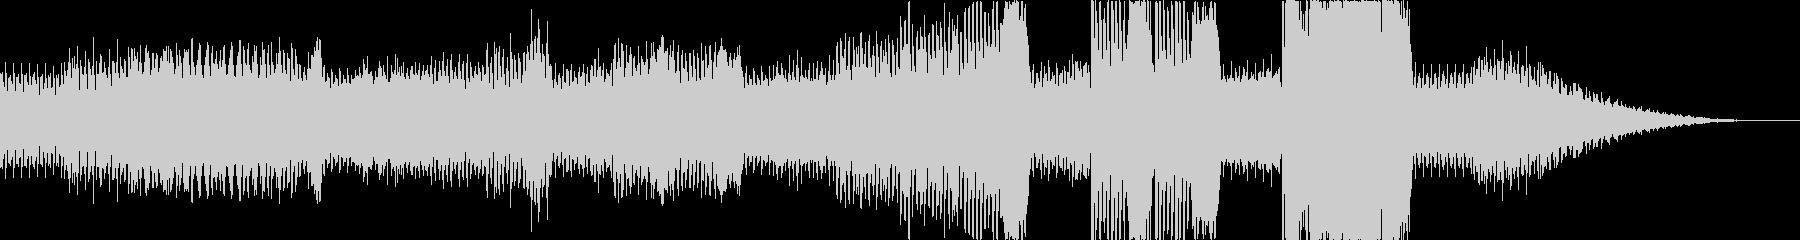 ワクワクしてくるBGM2の未再生の波形